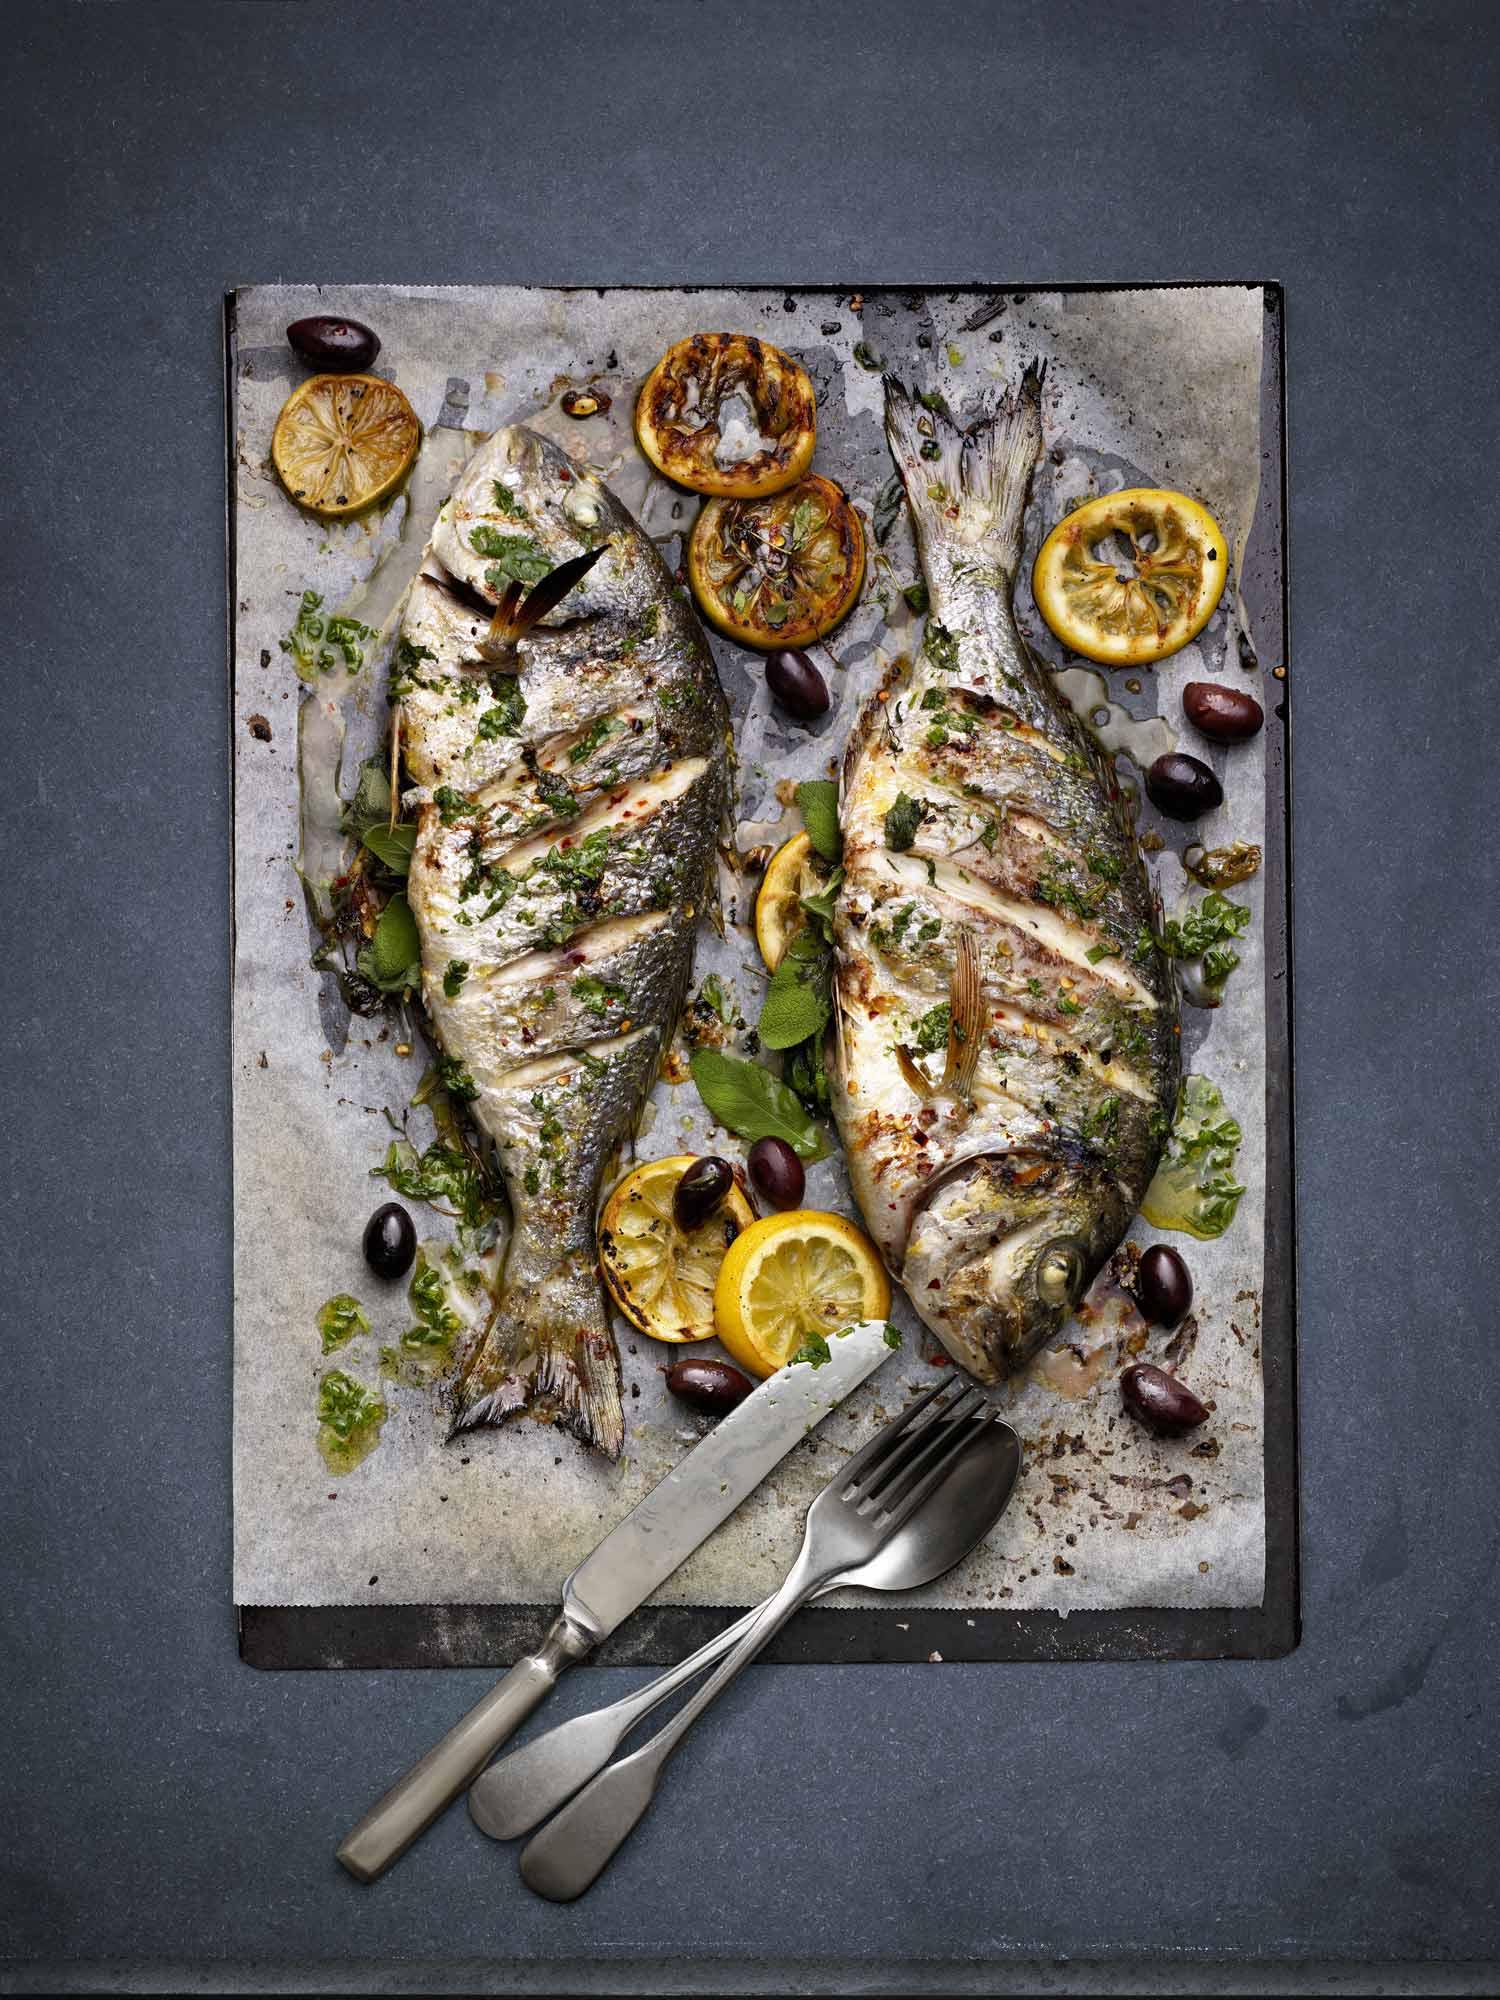 grillad-fisk-coop-copy.jpg